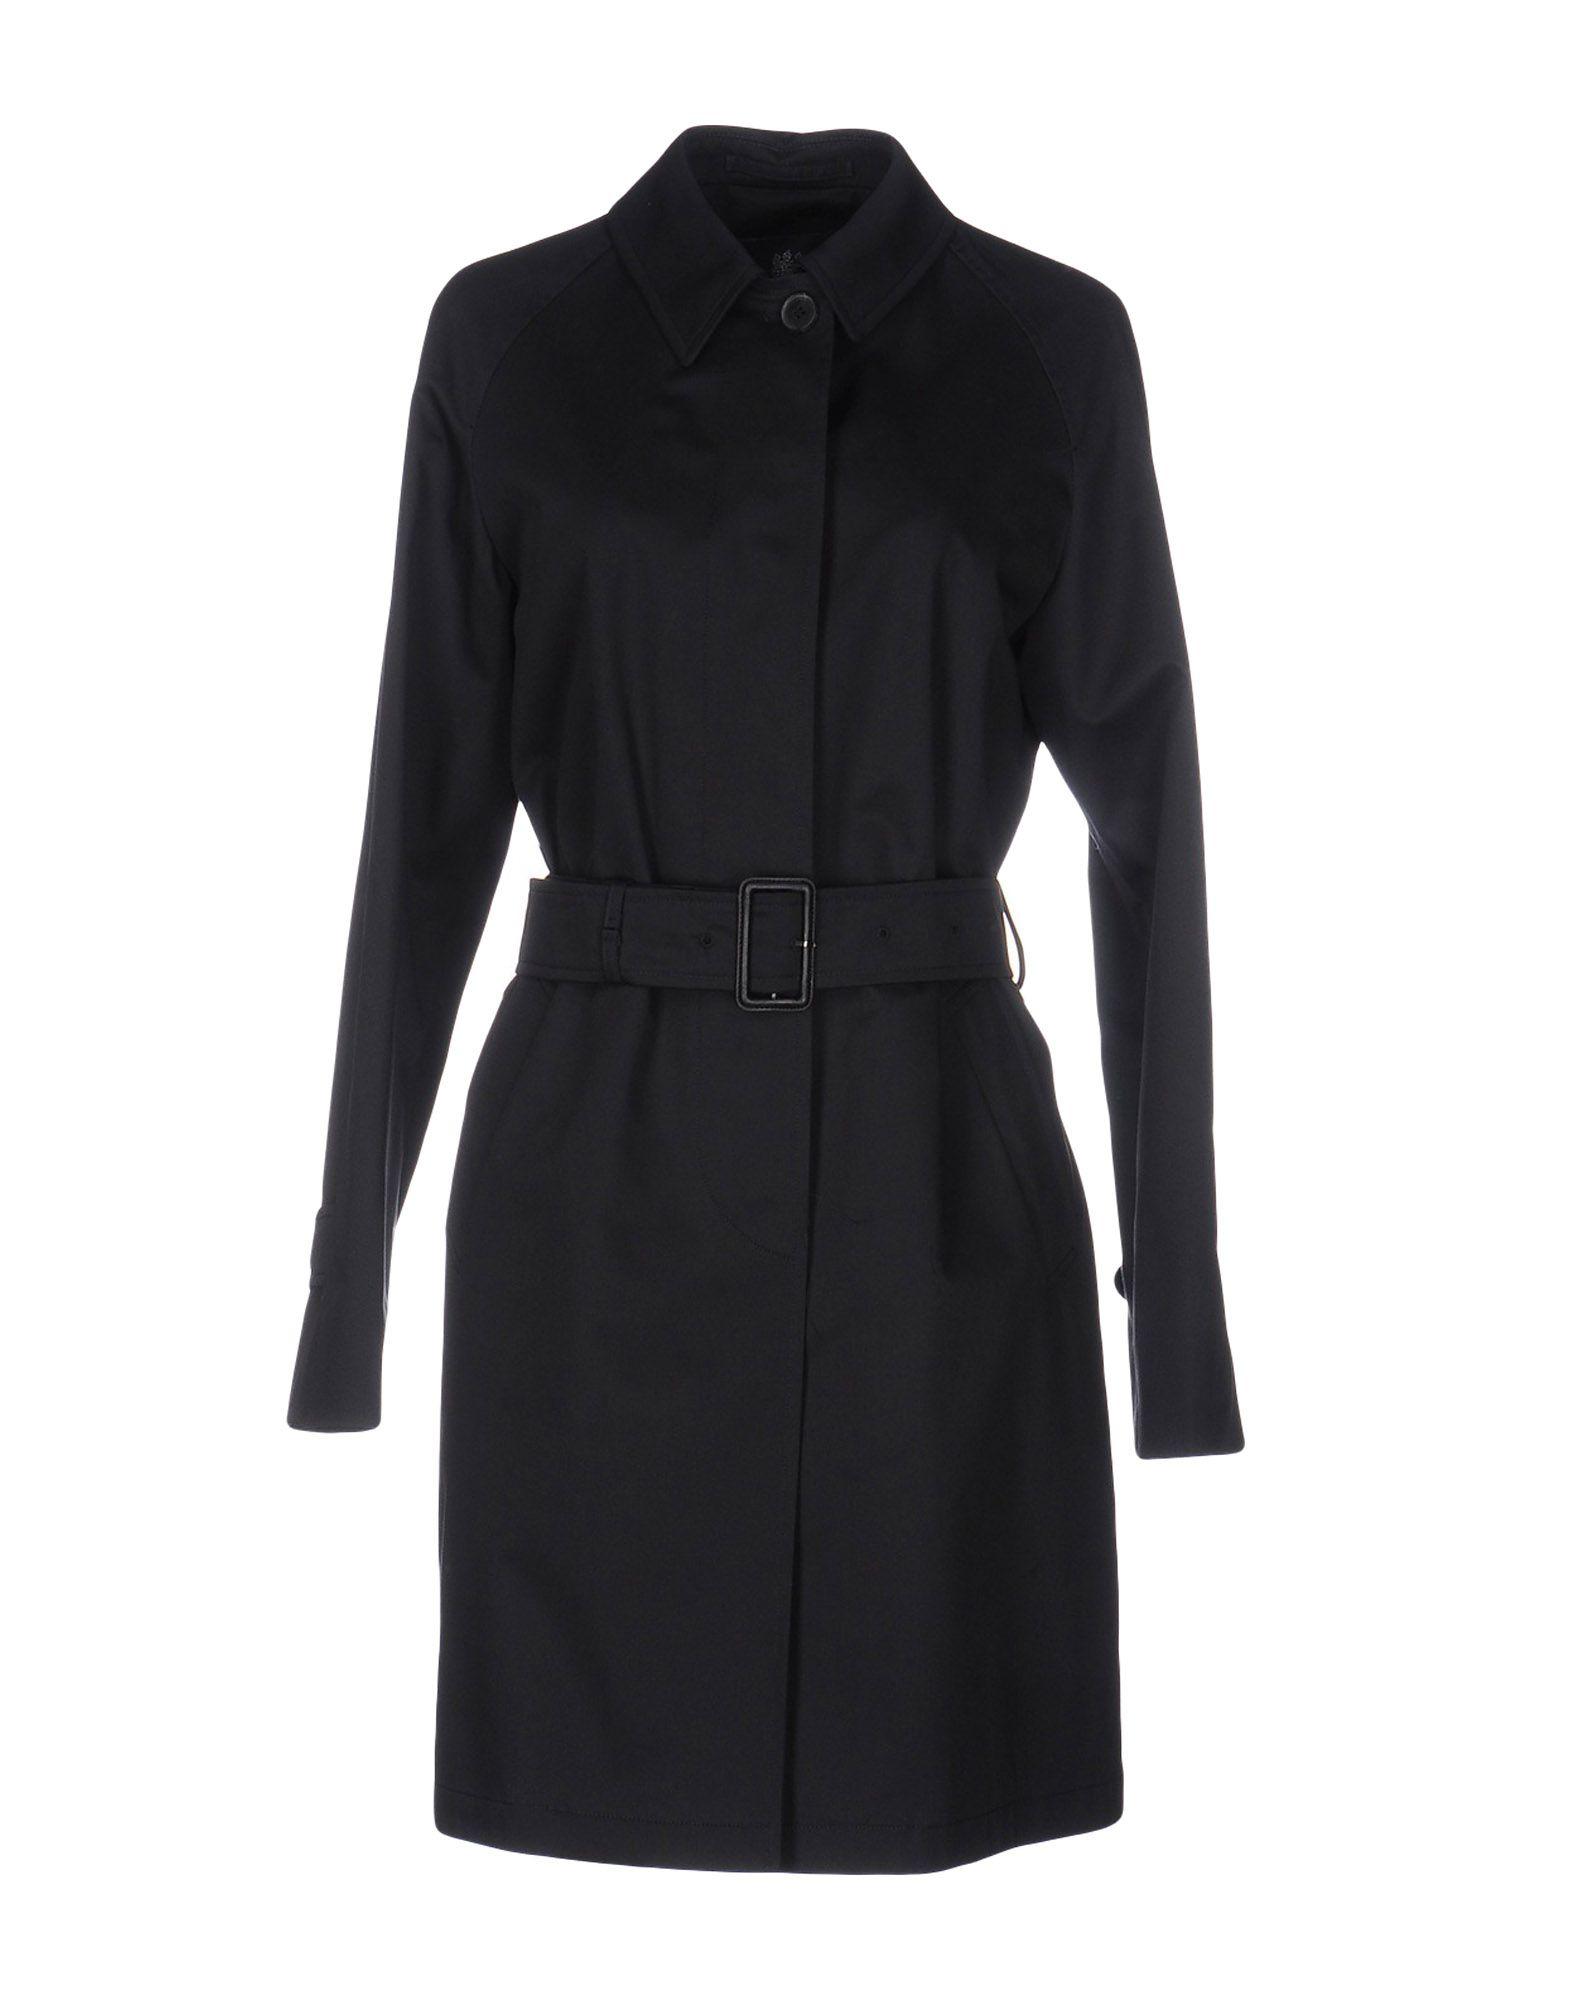 AQUASCUTUM Belted Coats in Dark Blue